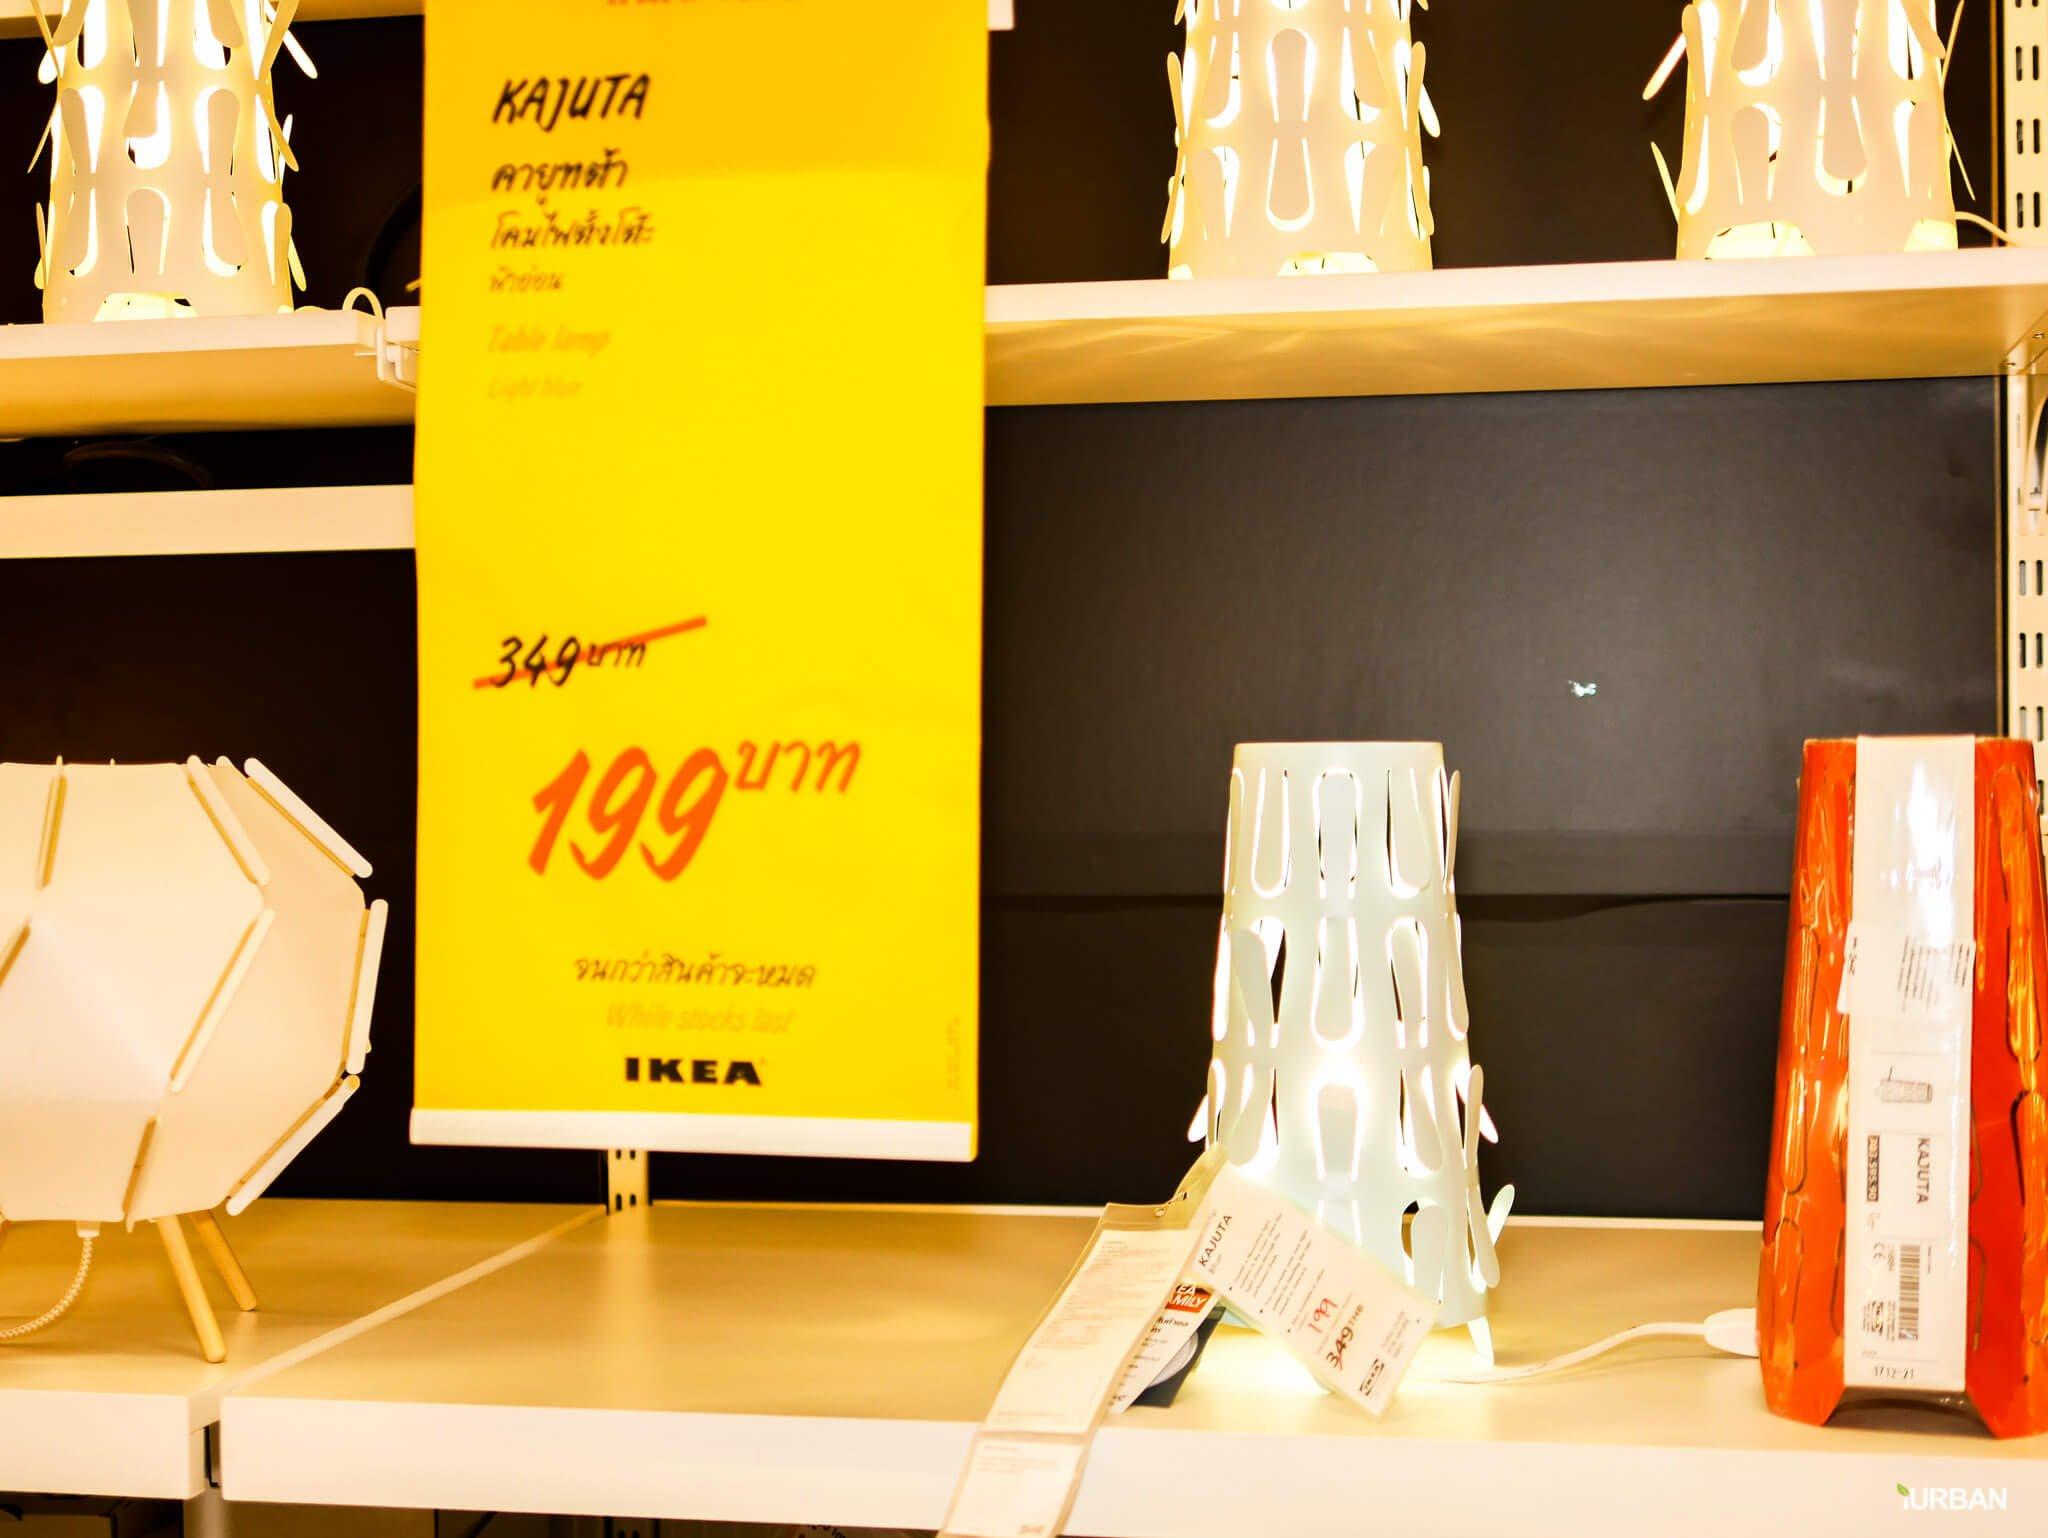 มันเยอะมากกกก!! IKEA Year End SALE 2017 รวมของเซลในอิเกีย ลดเยอะ ลดแหลก รีบพุ่งตัวไป วันนี้ - 7 มกราคม 61 177 - IKEA (อิเกีย)